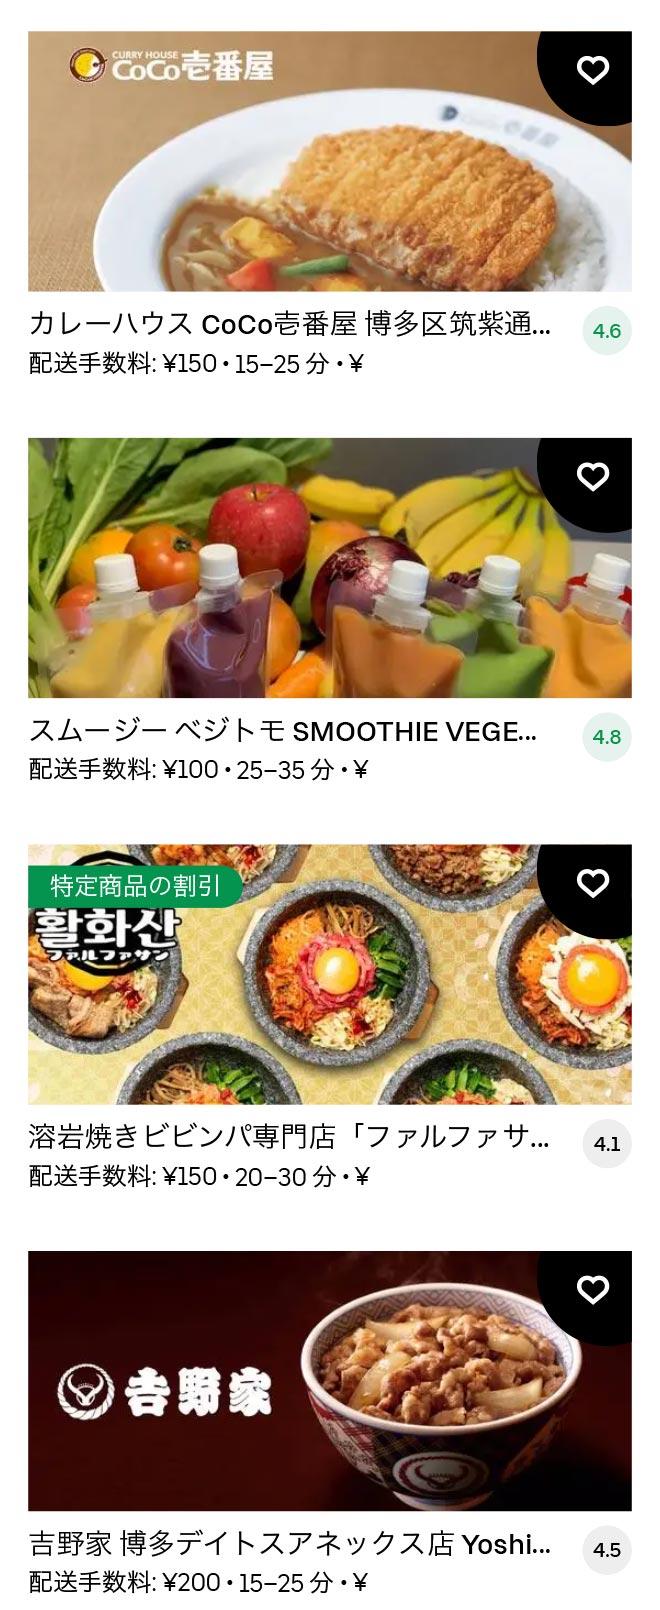 Higashi hie menu 2101 05